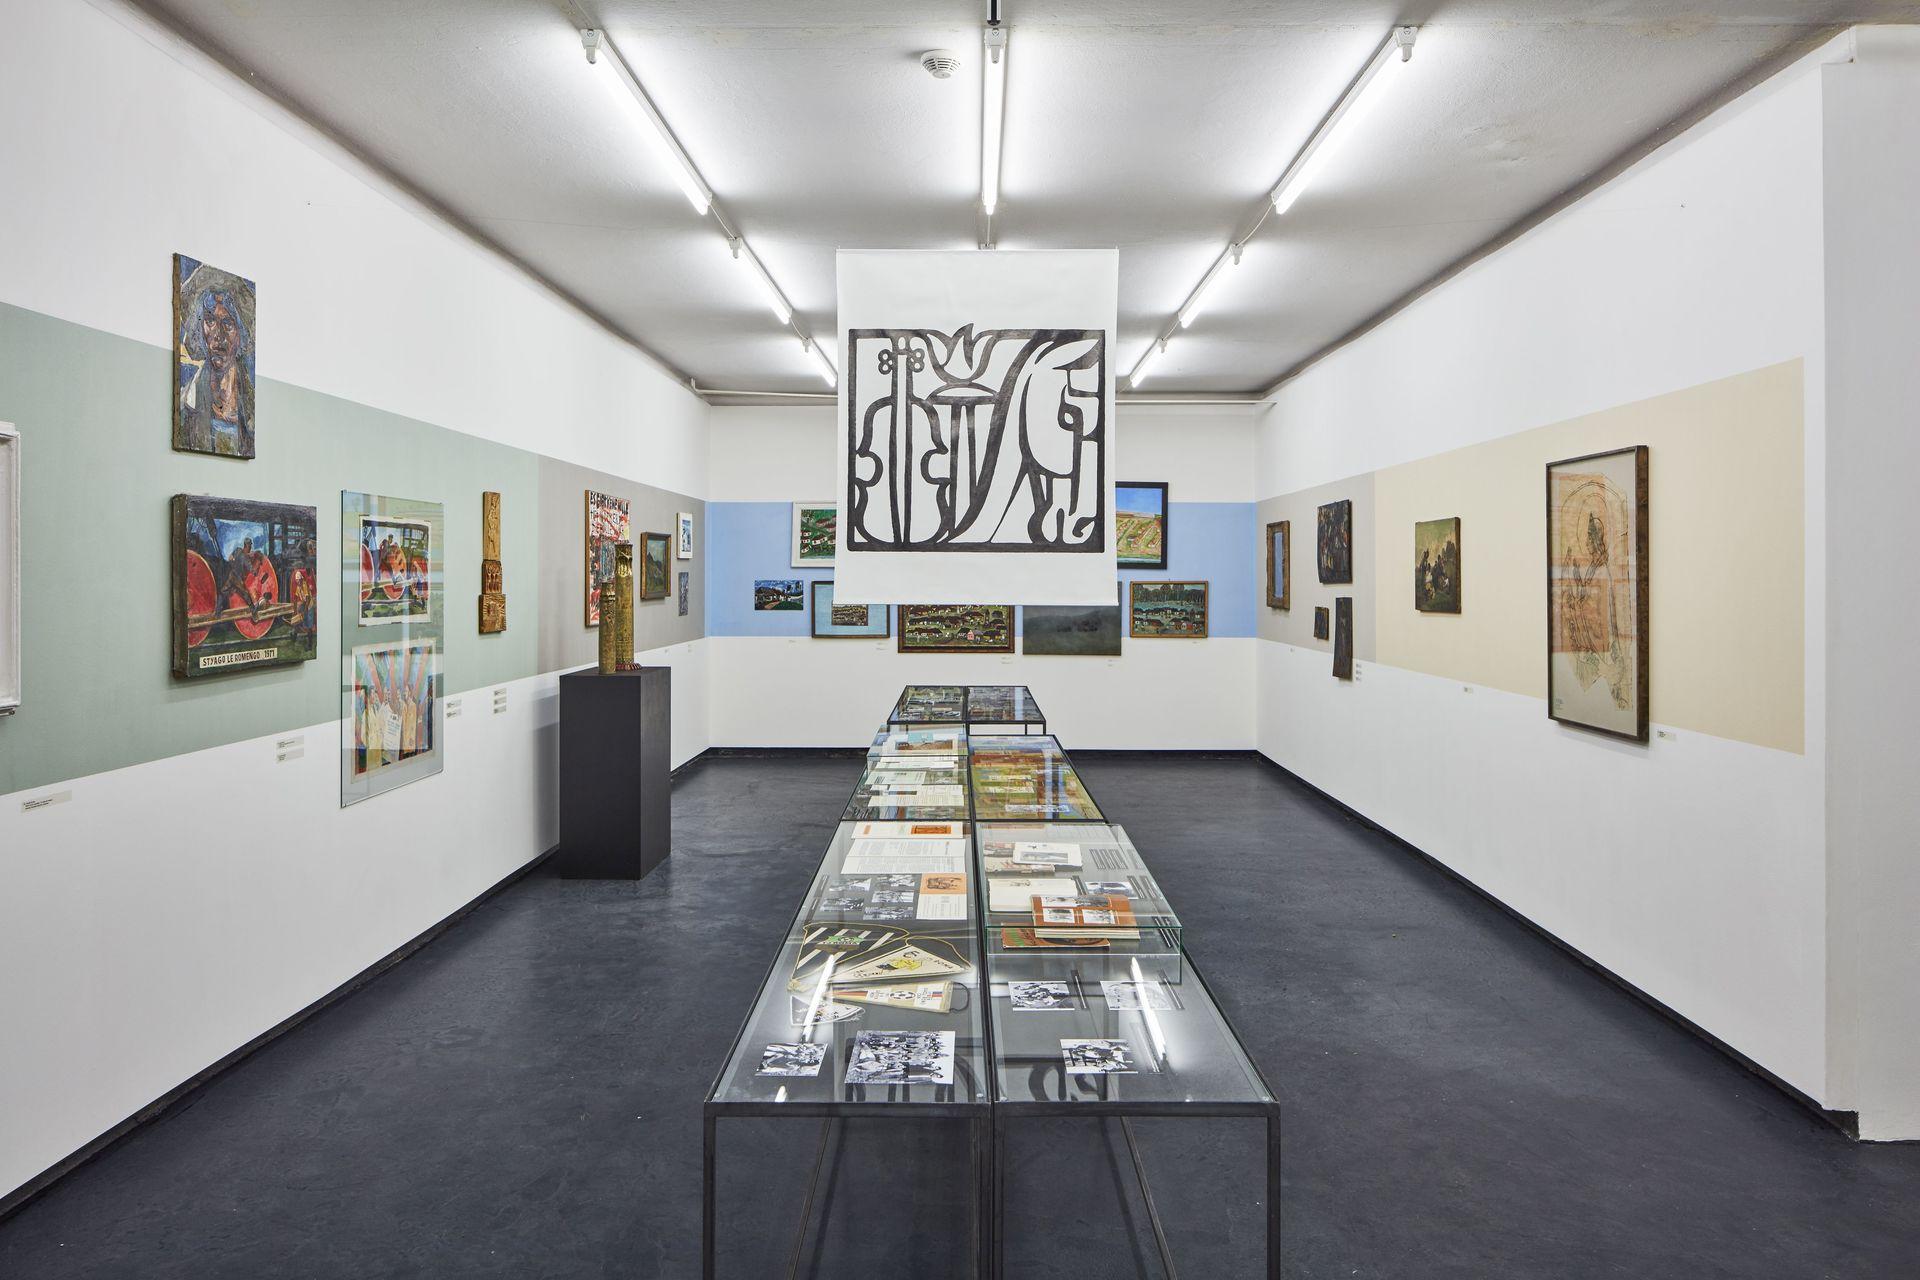 Pohled do výstavy Džas Bare dromeha (Jdeme dlouhou cestou) v Nevan Contepo v Praze (2016) foto Peter Fabo.jpg